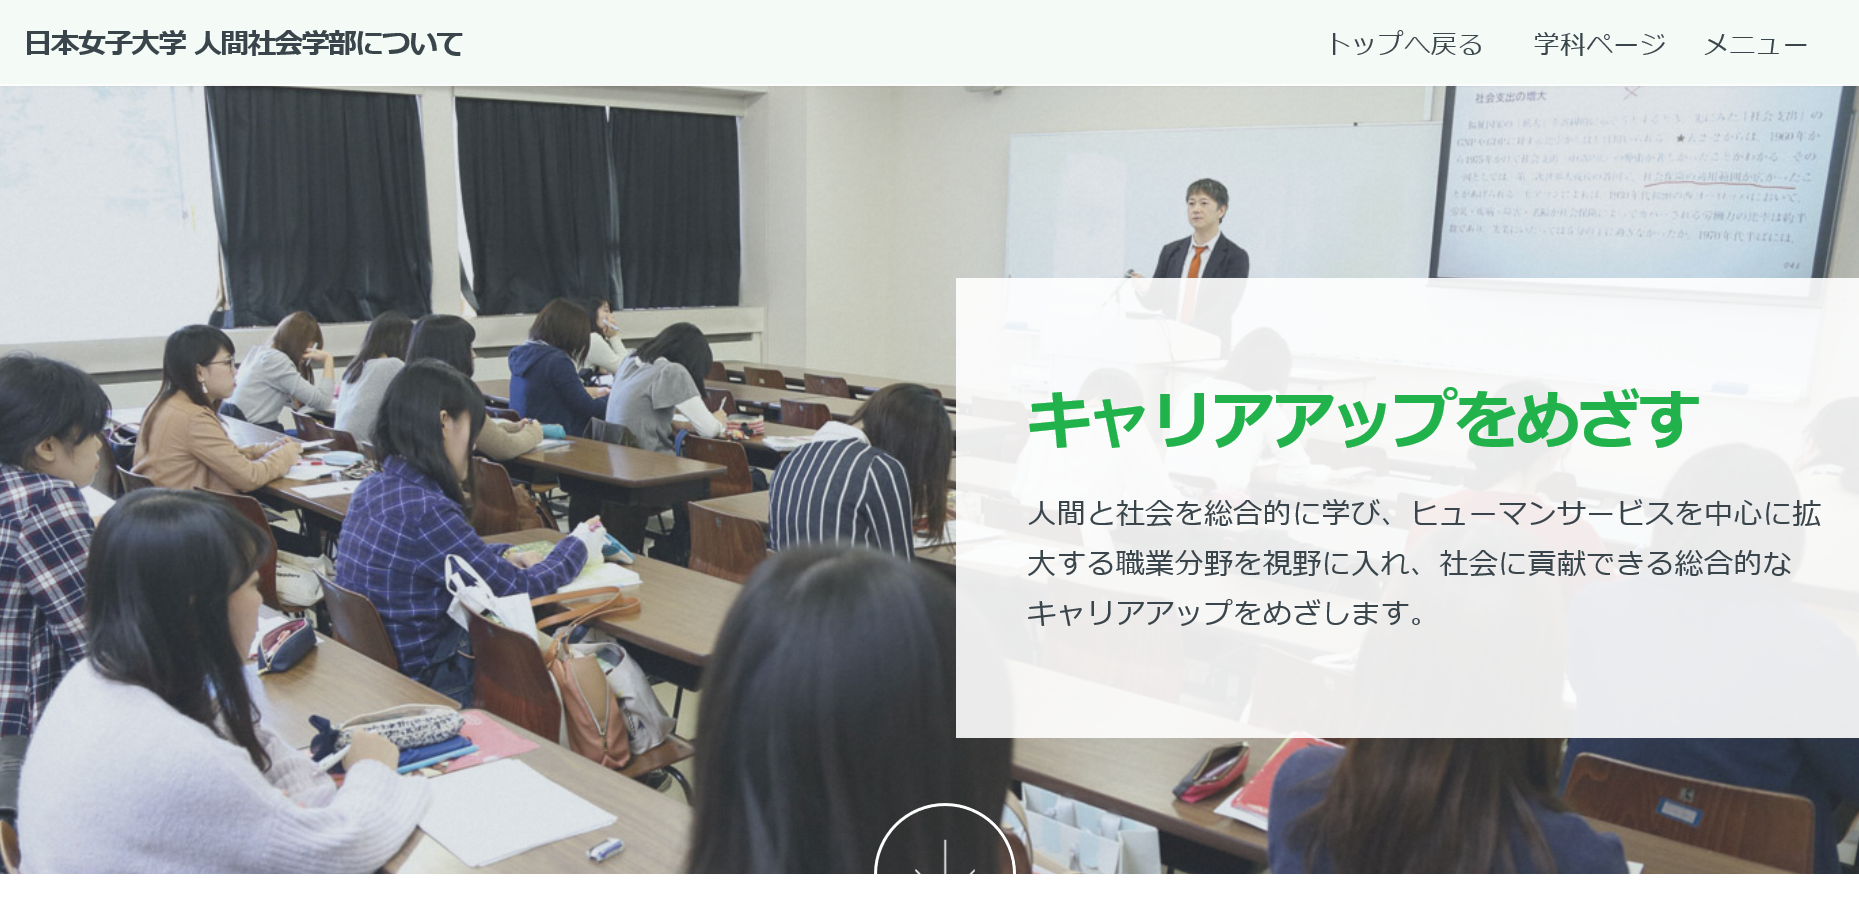 先輩が教える、日本女子大学 人間社会学部の評判とは?【口コミ ...